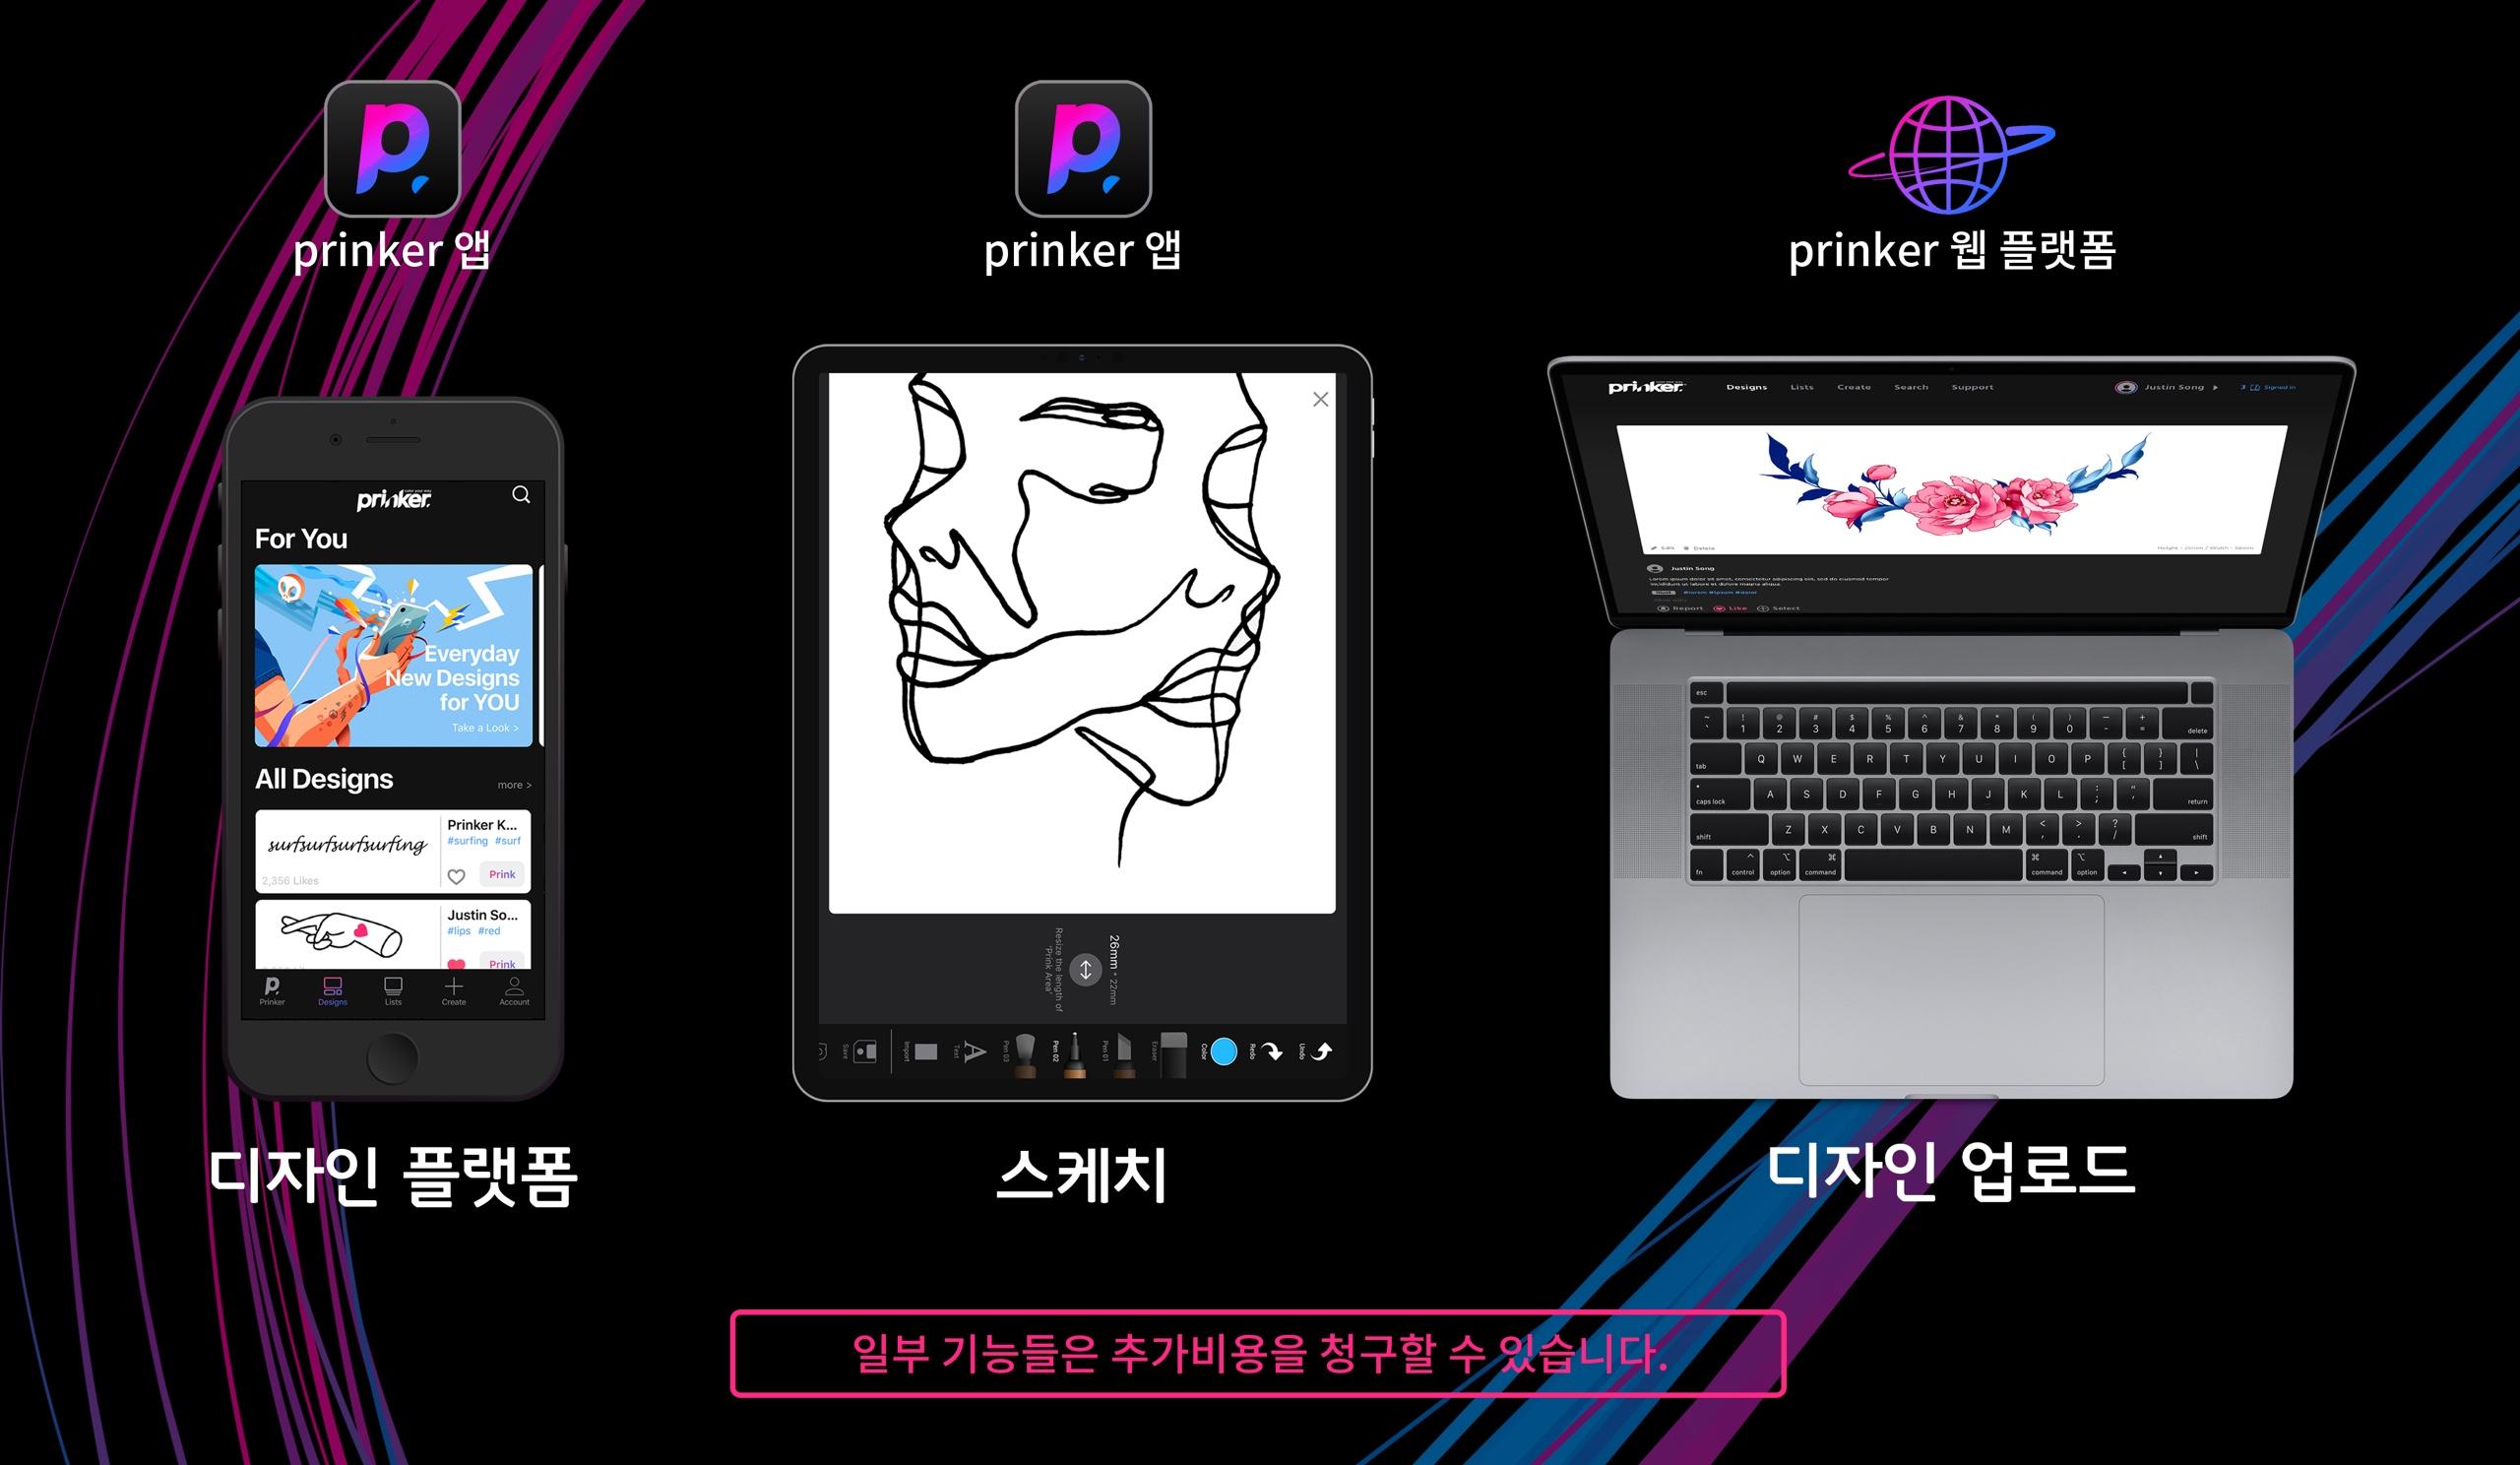 prinker image